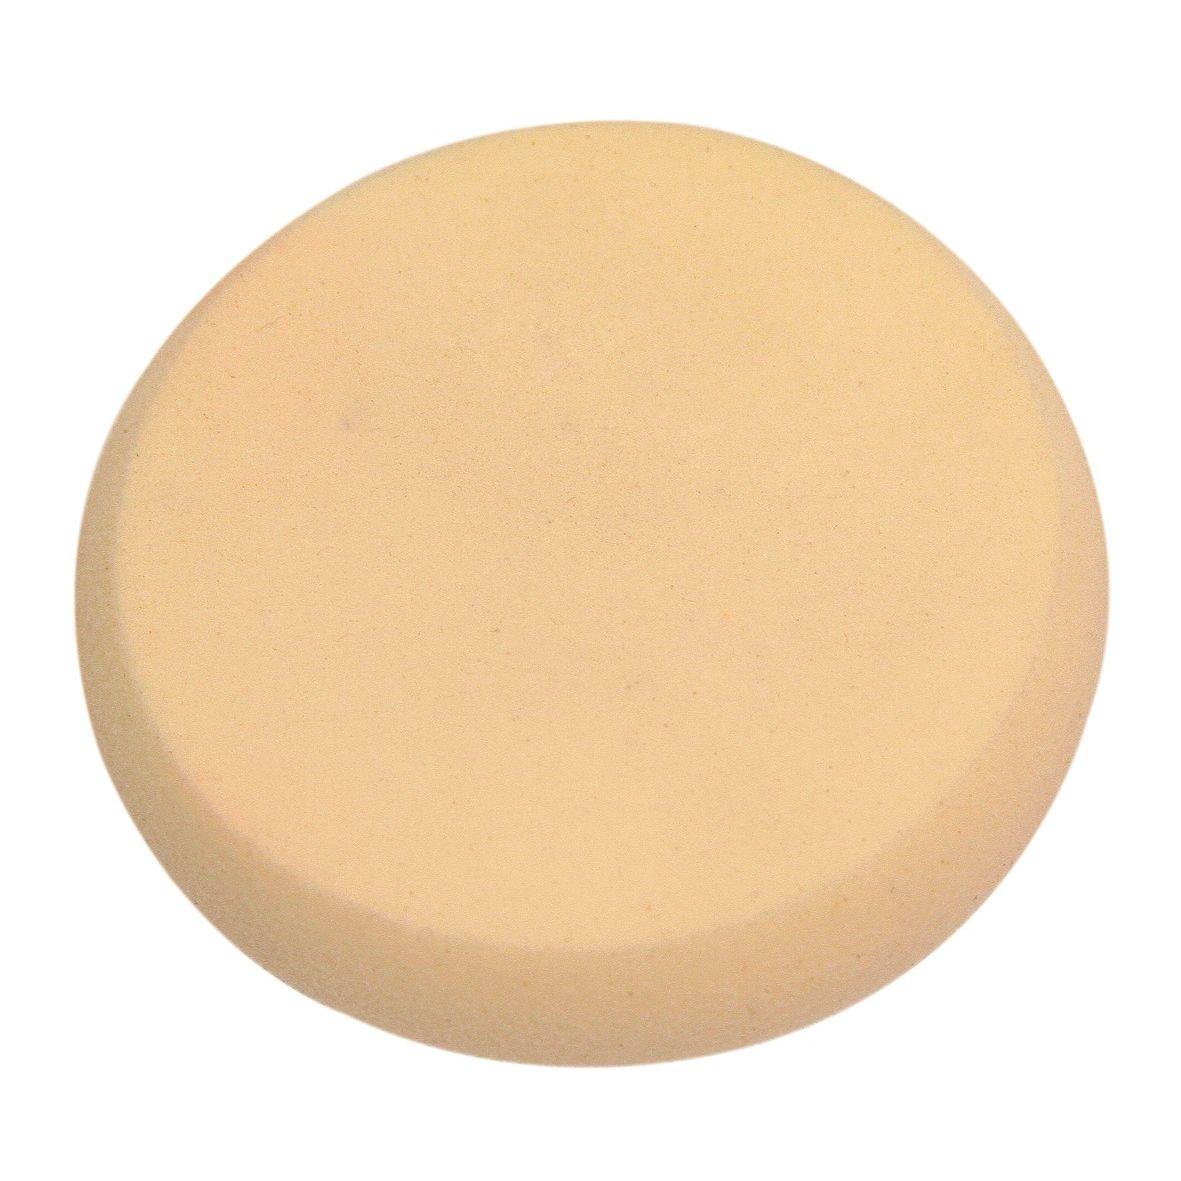 Esponja Maquiagem de Espuma Expandida Toque Suave Pequena